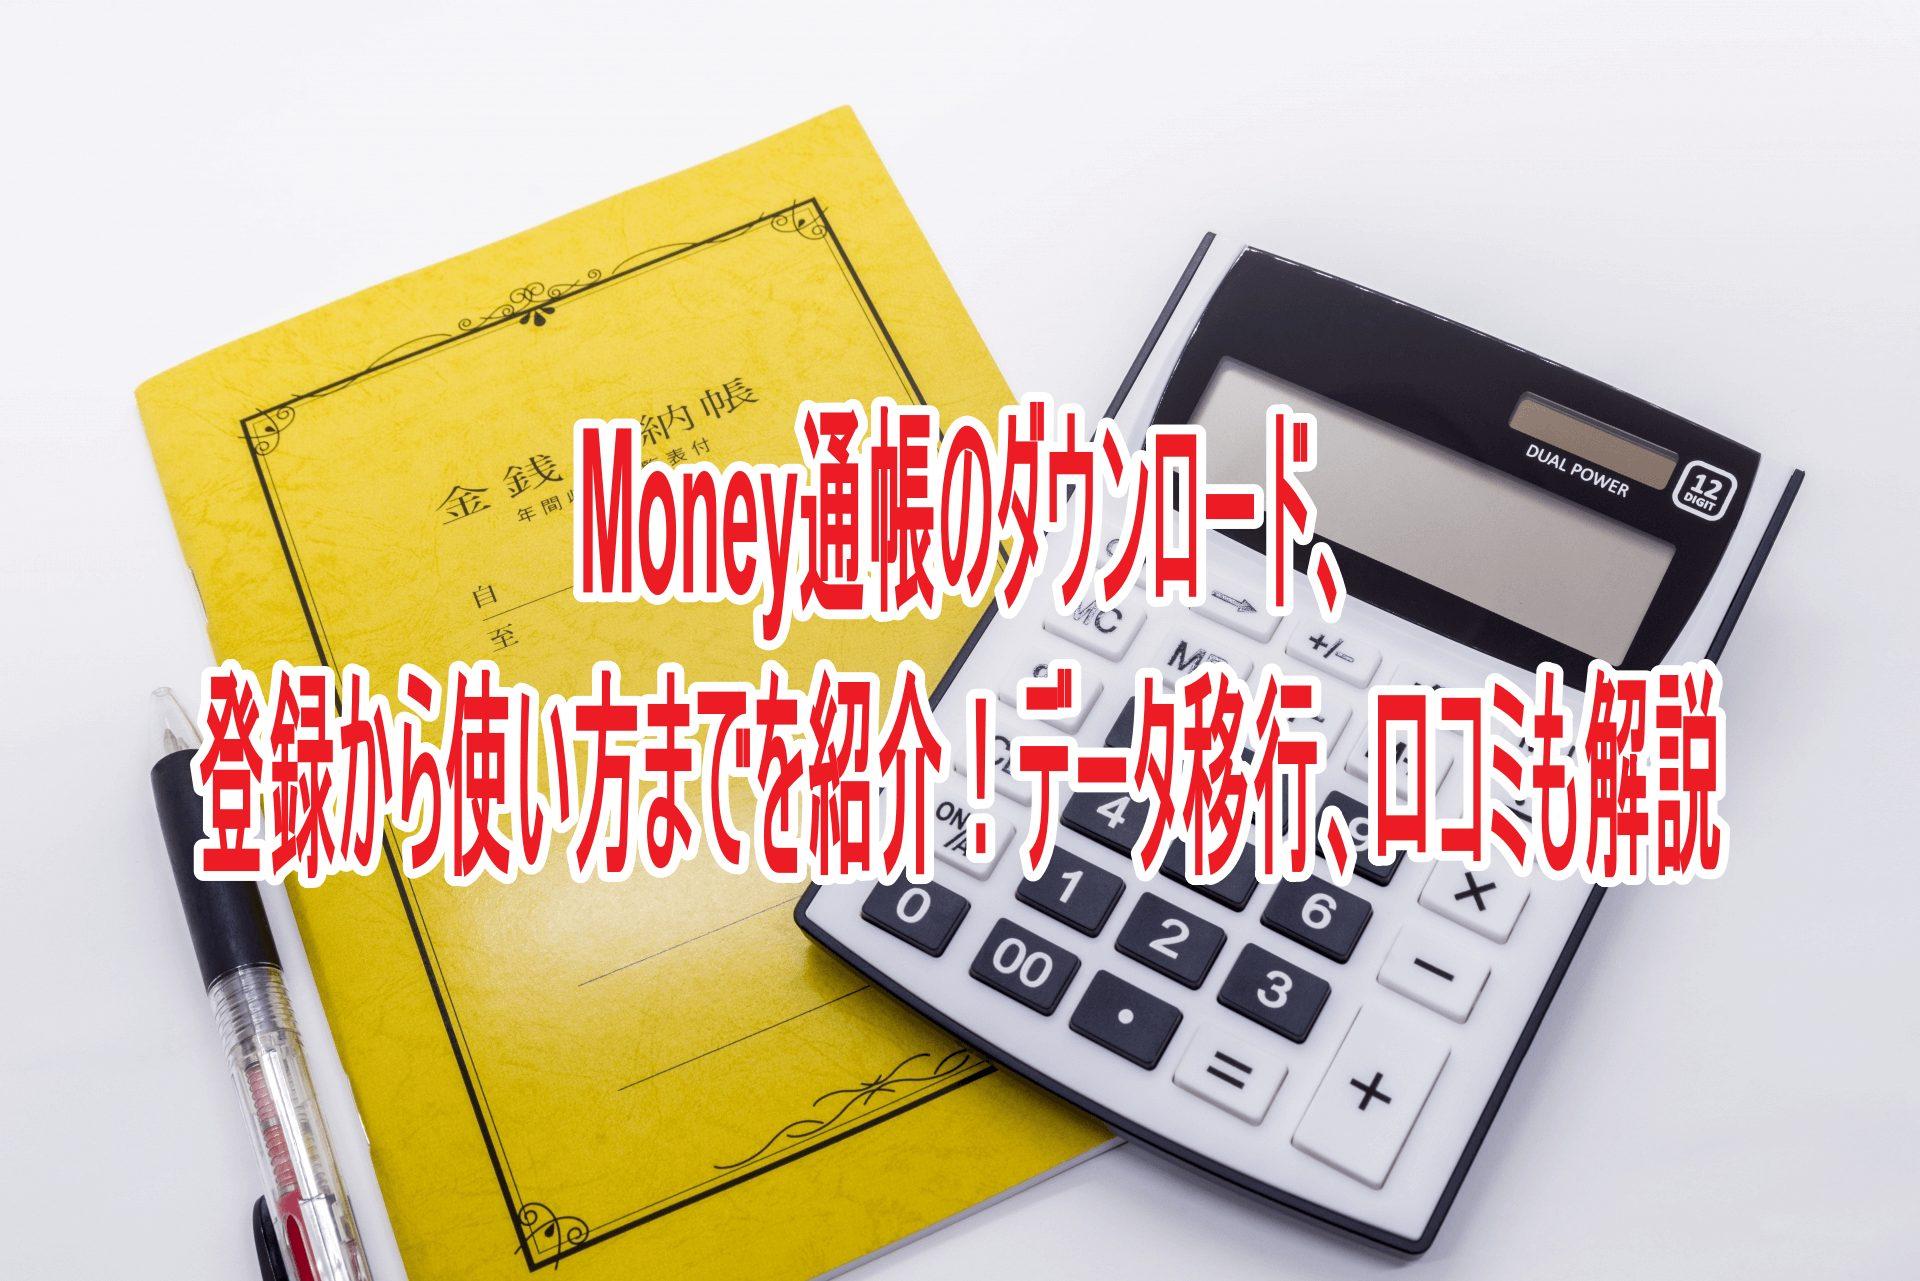 moneytuchou01